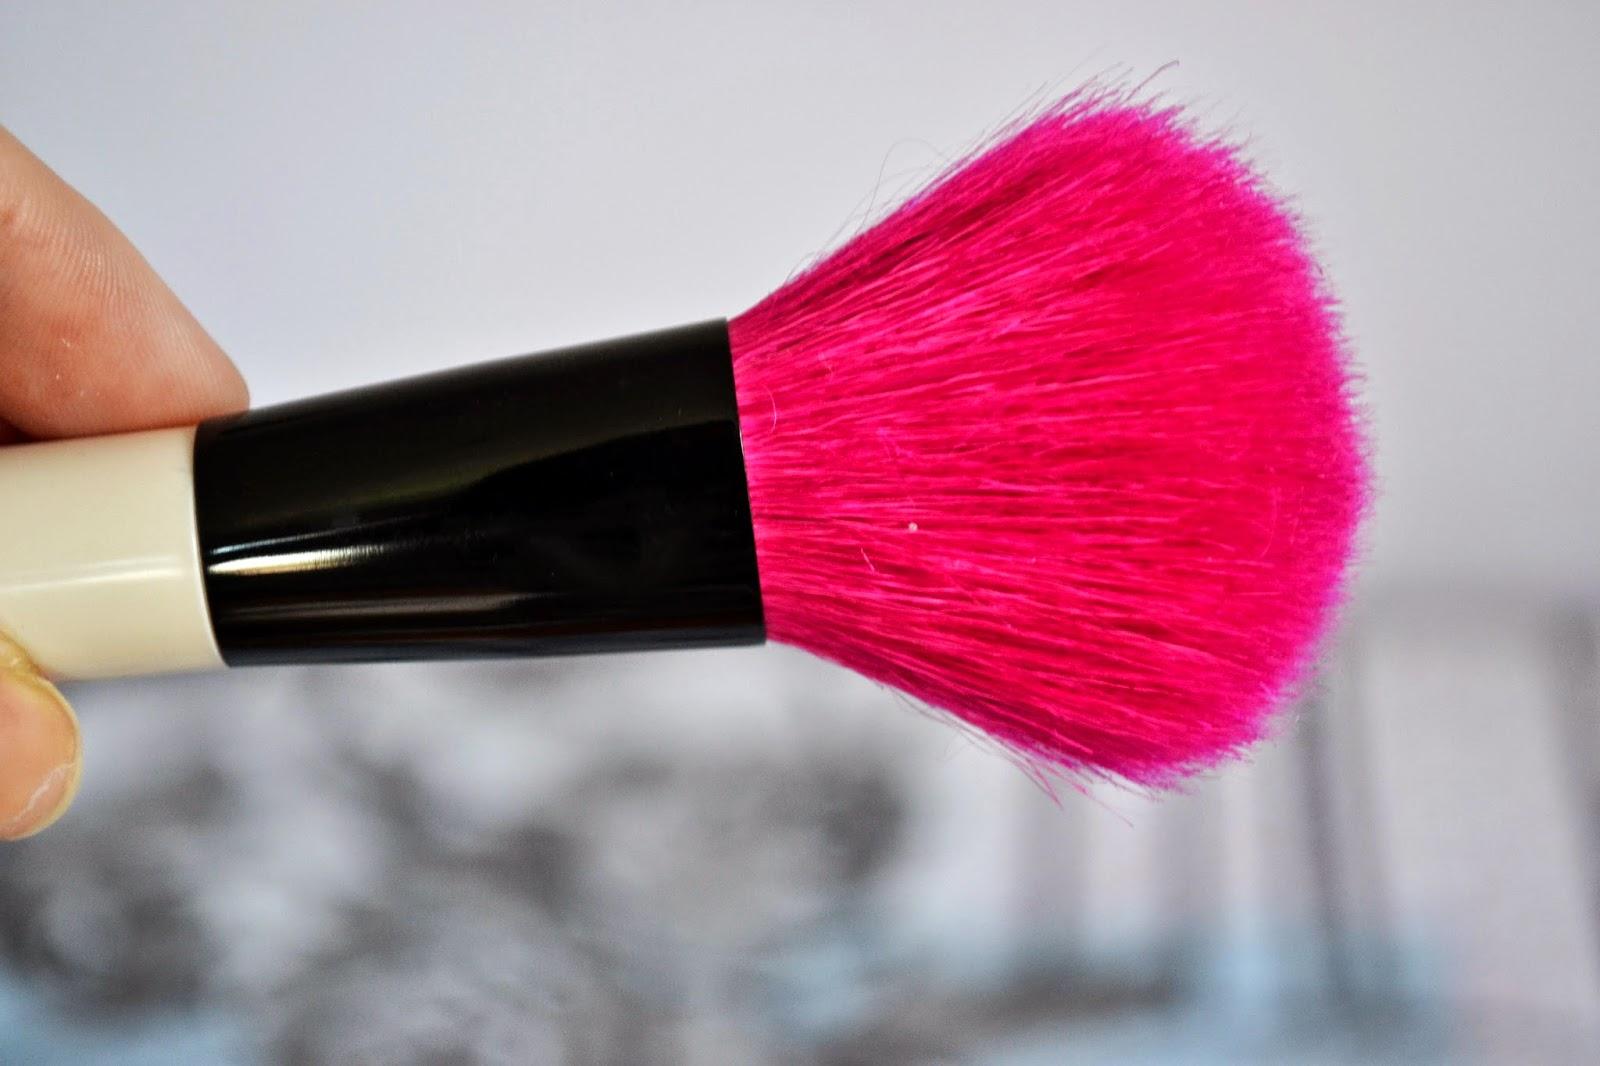 Pincel com cerdas rosas